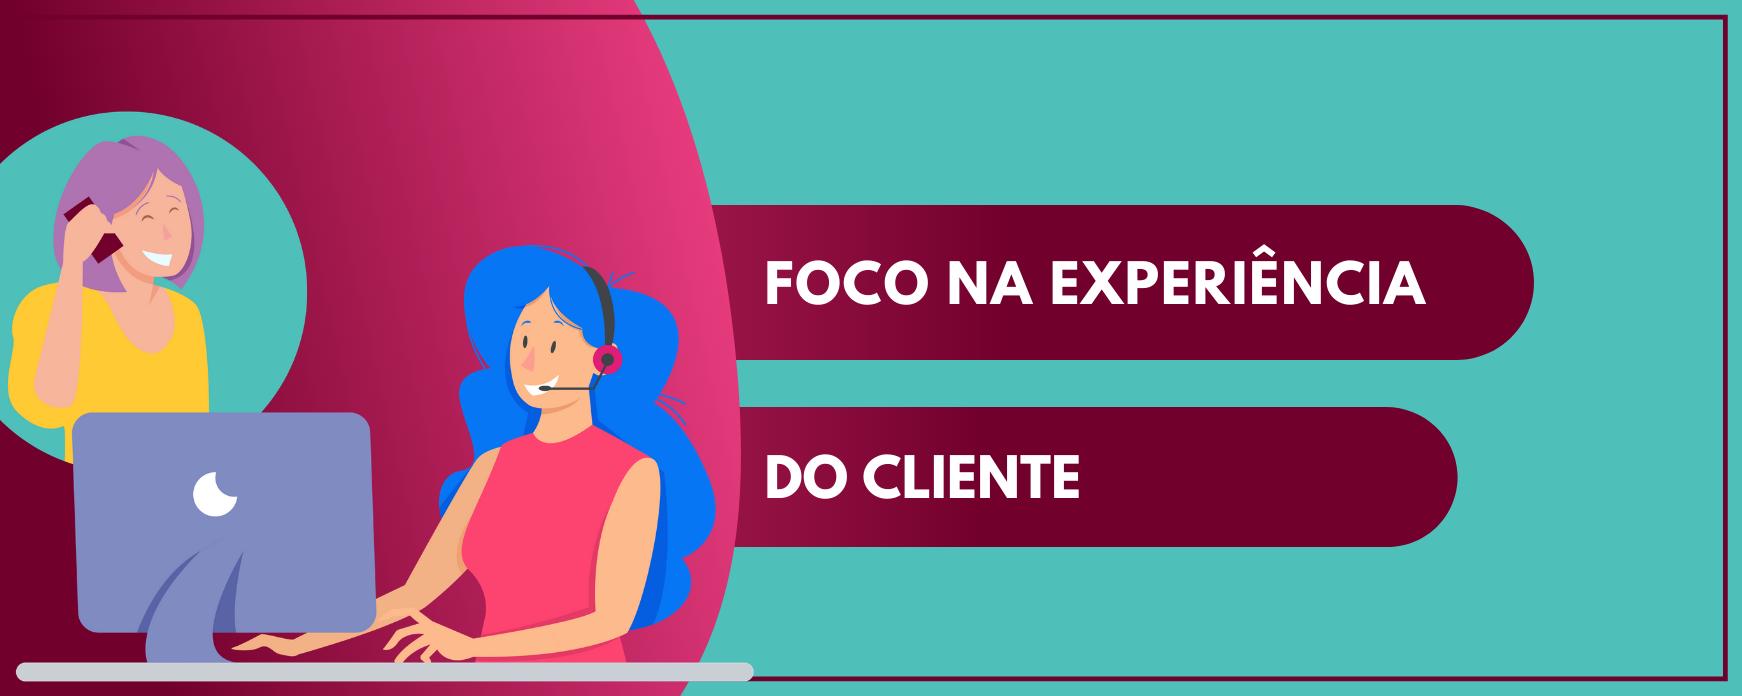 como elevar a experiência do cliente